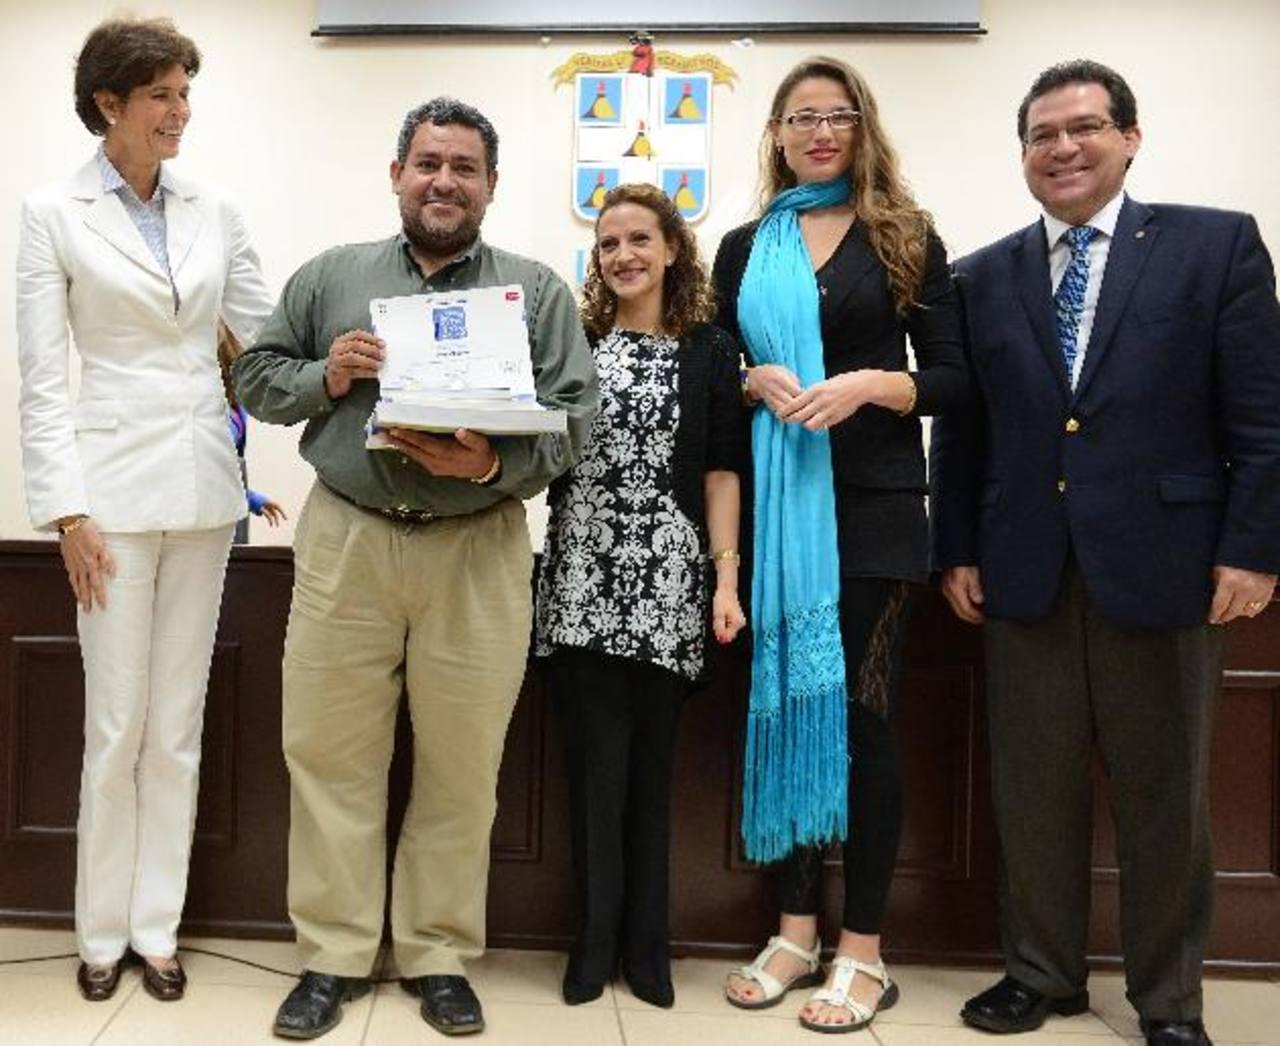 El periodista Iván Olivares (segundo a la izquierda) recibió el diploma de manos de las autoridades de la Fundación Violeta Chamorro. Foto EDH / CORTESÍAEl corresponsal fue herido en una de sus coberturas.